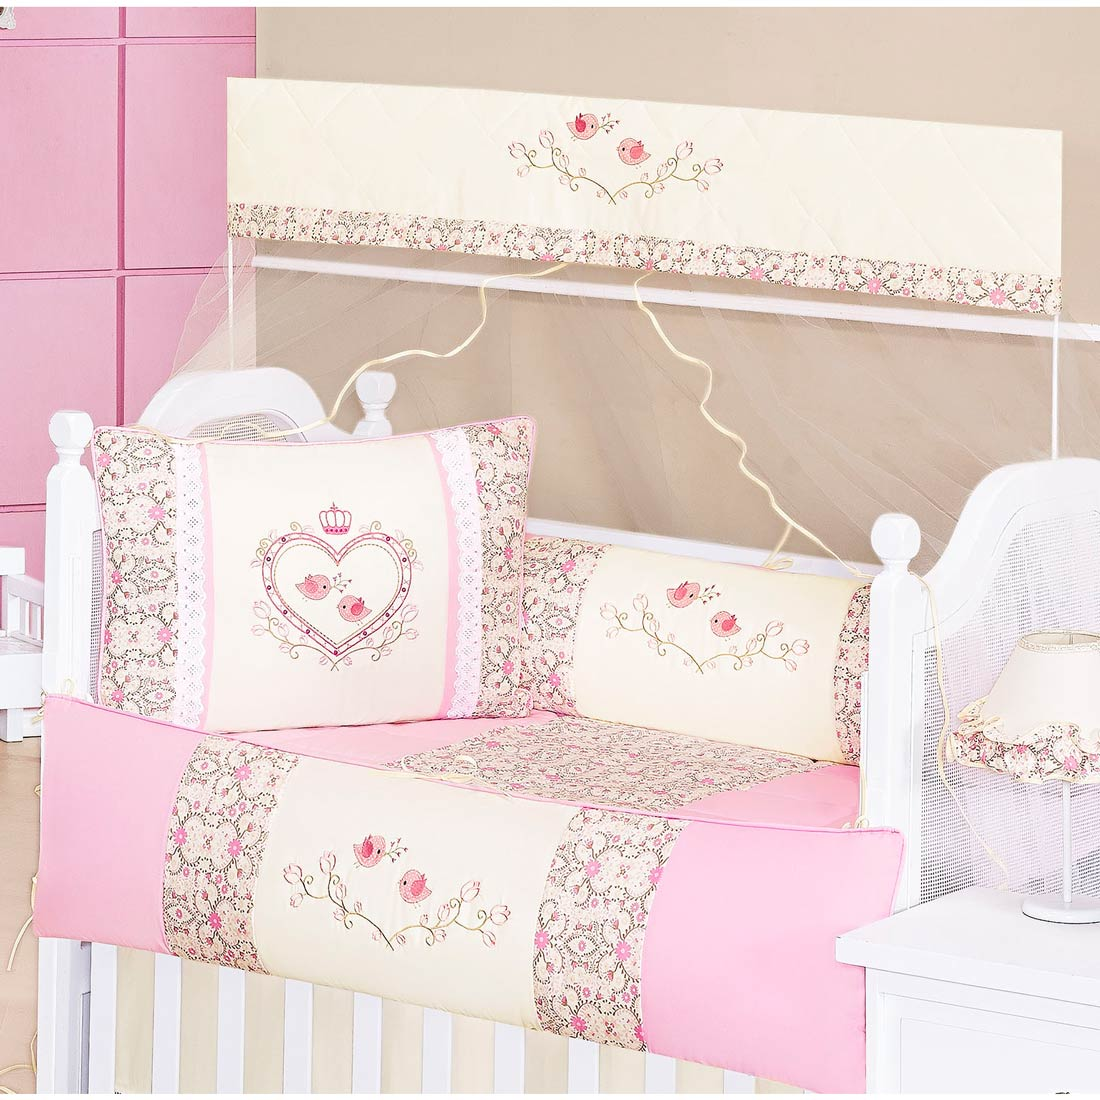 Coleção Completa para Quarto de Bebê Bordado Coleção Coração 18 Peças  - Palha/Rosa